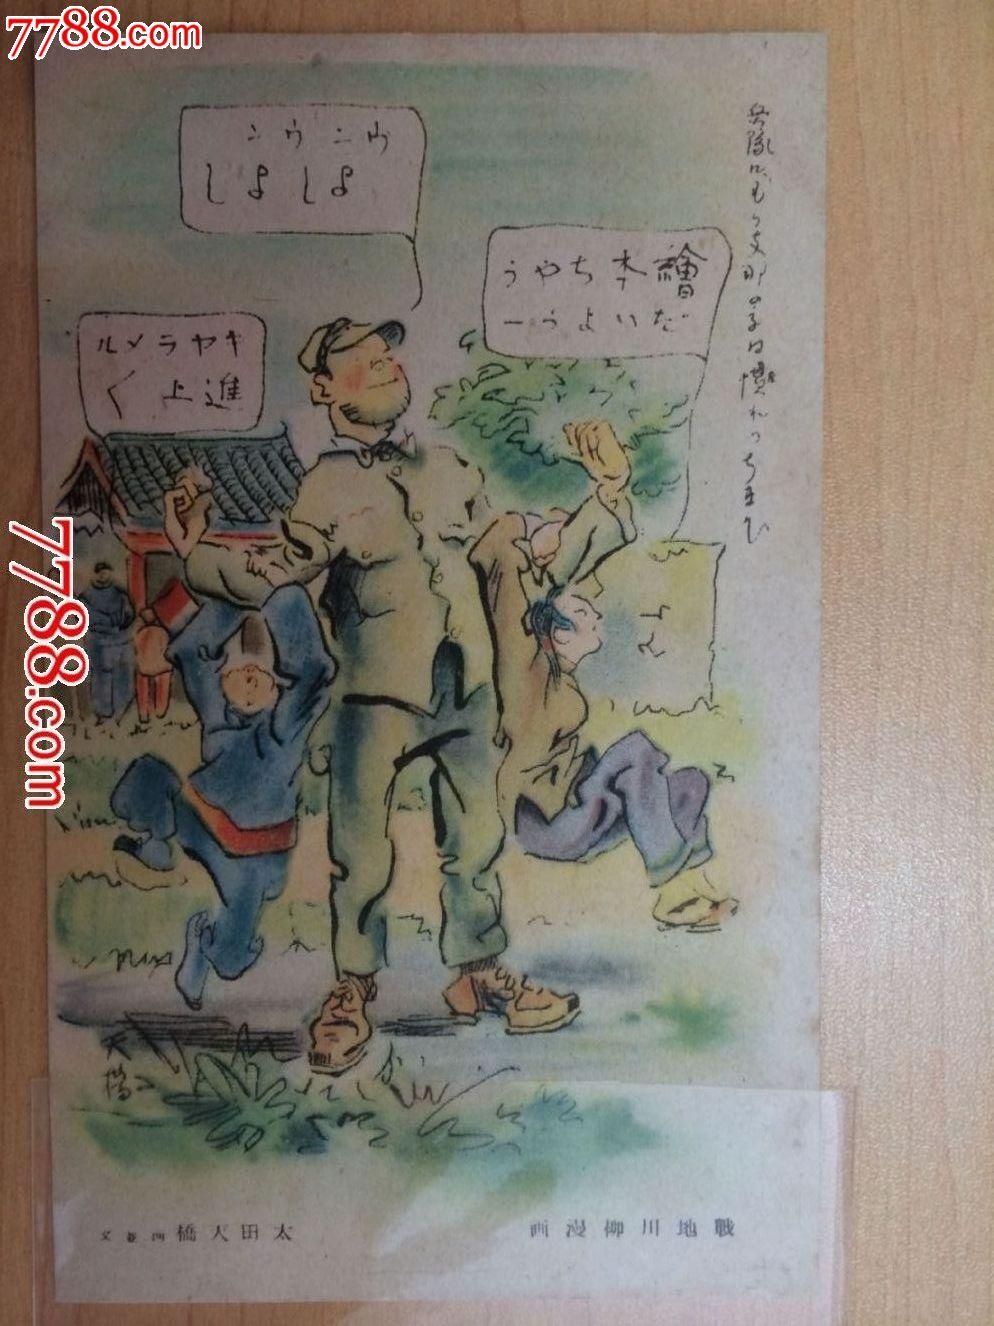 手绘漫画老明信片战地川柳漫画和日军玩耍_价格85元【芝兰社】_第1张